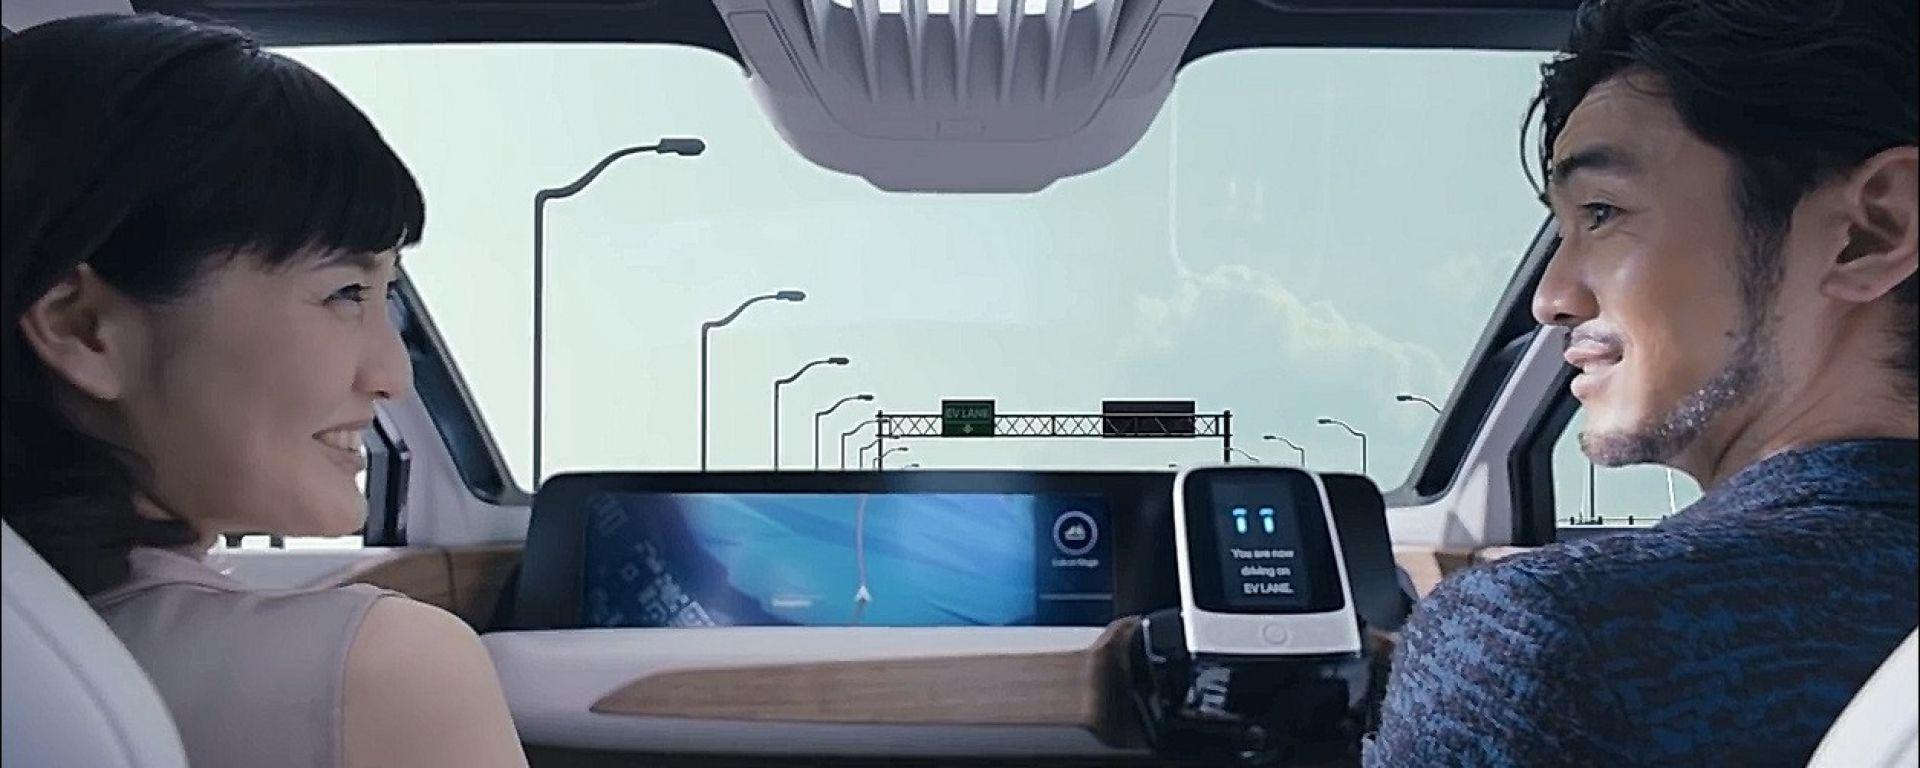 Secondo Nissan la guida autonoma vale 17 trilioni di euro